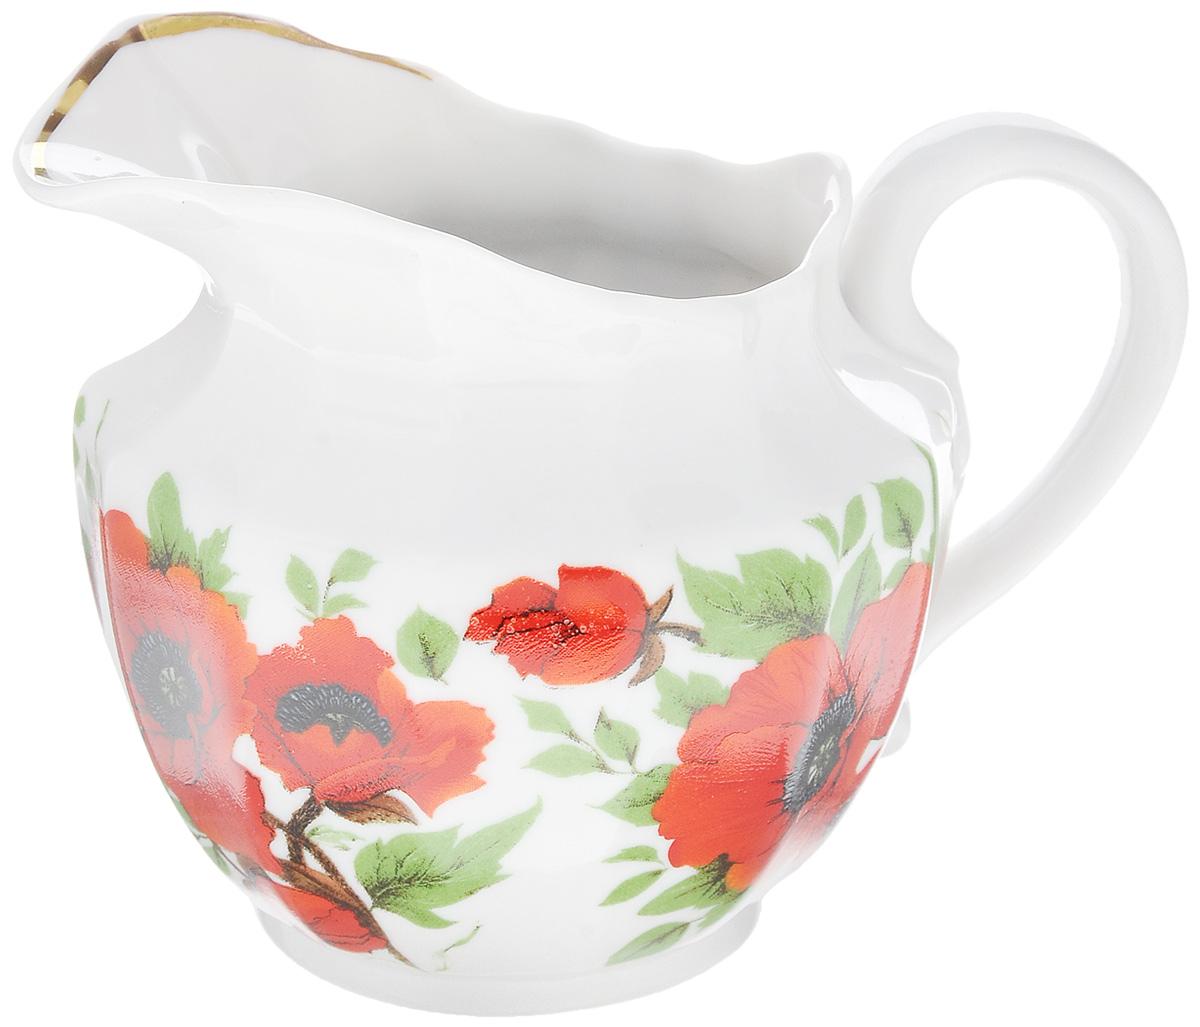 Сливочник Фарфор Вербилок Маки, 350 мл7983153Сливочник Фарфор Вербилок Маки выполнен из высококачественного фарфора и декорирован рисунком с изображением красных маков. Это изделие предназначено для того, чтобы красиво и аппетитно подавать на стол сливки или молоко к чаю, кофе, супу или фруктам.Размер сливочника (по верхнему краю): 9 х 7 см.Высота сливочника: 10 см.